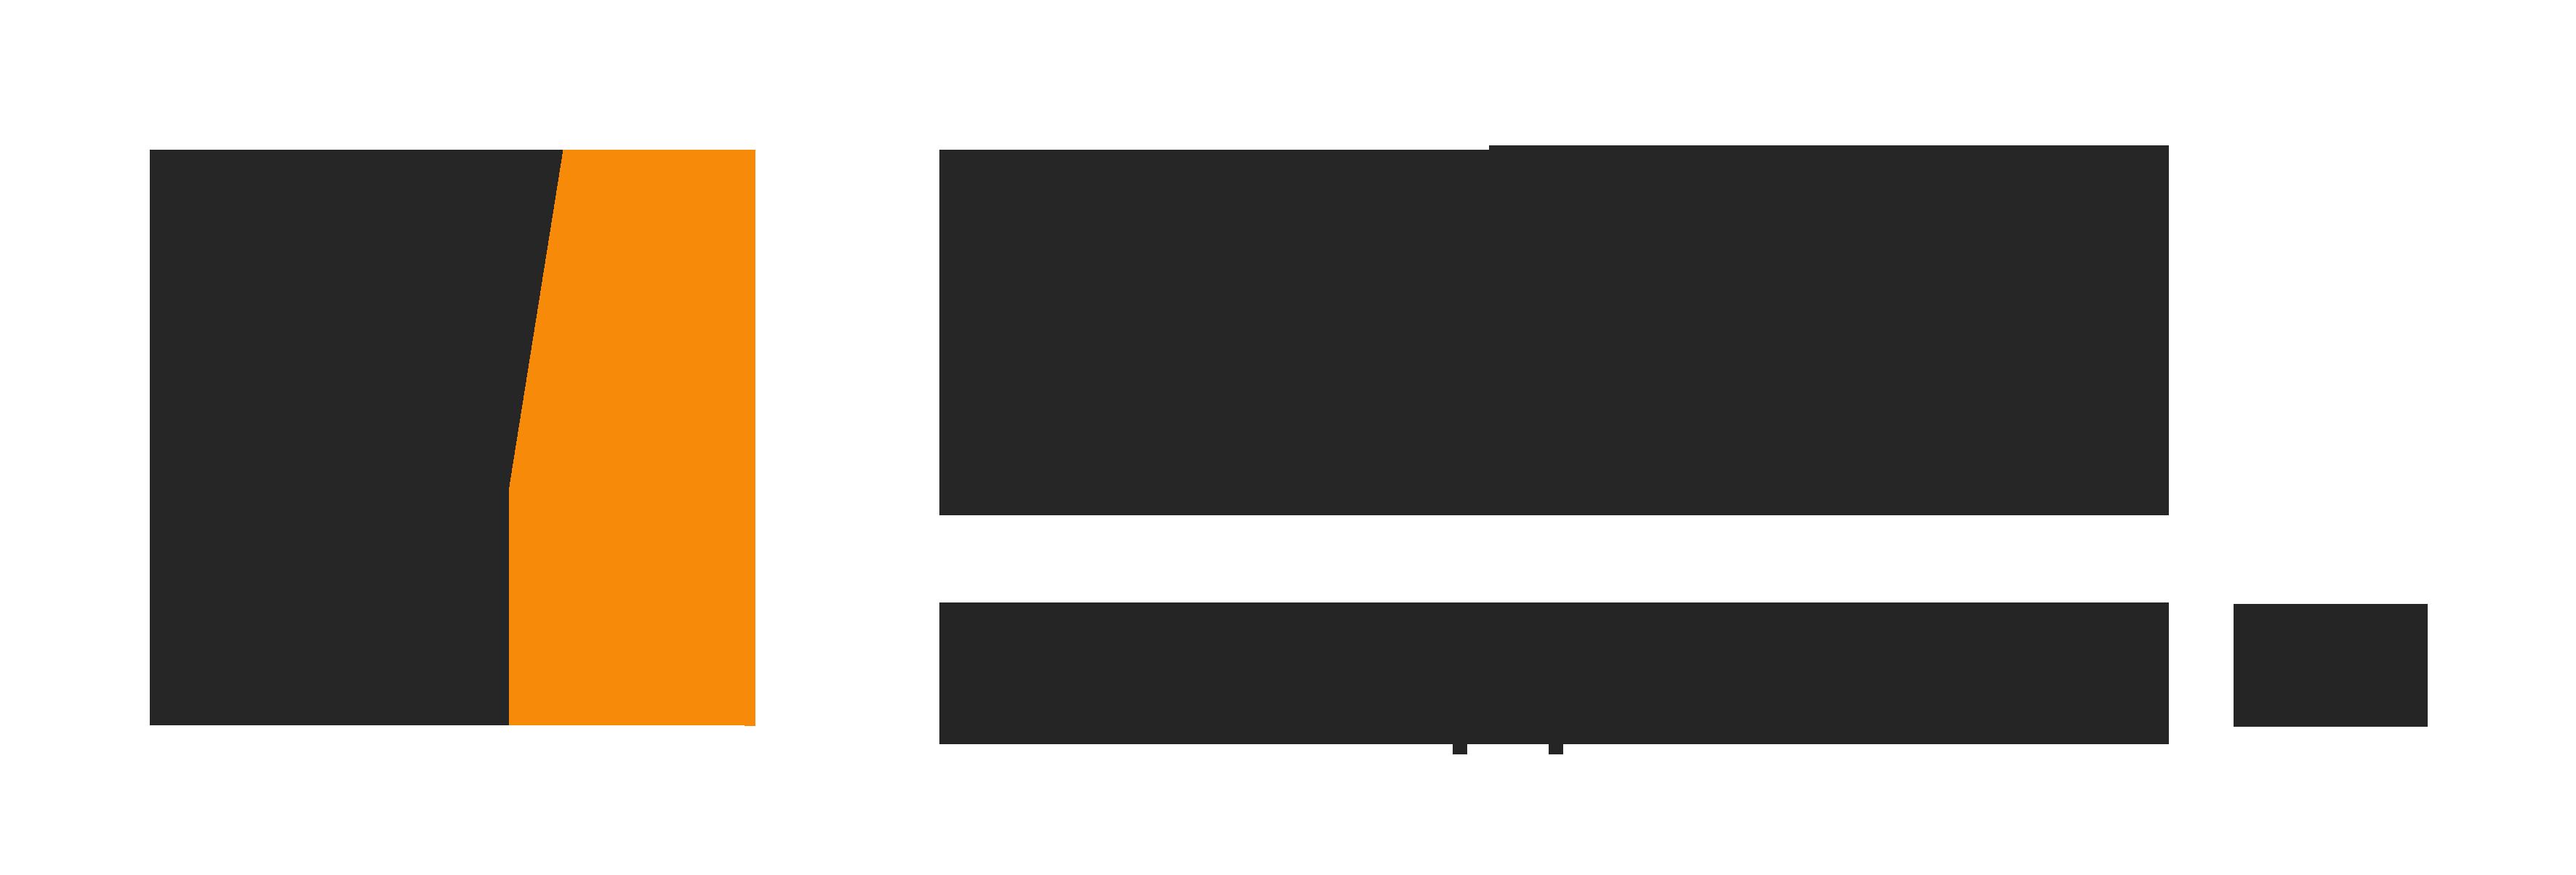 Produktvorschau Multi Application Kit: Schematische Module verbinden sich zu einem Ganzen